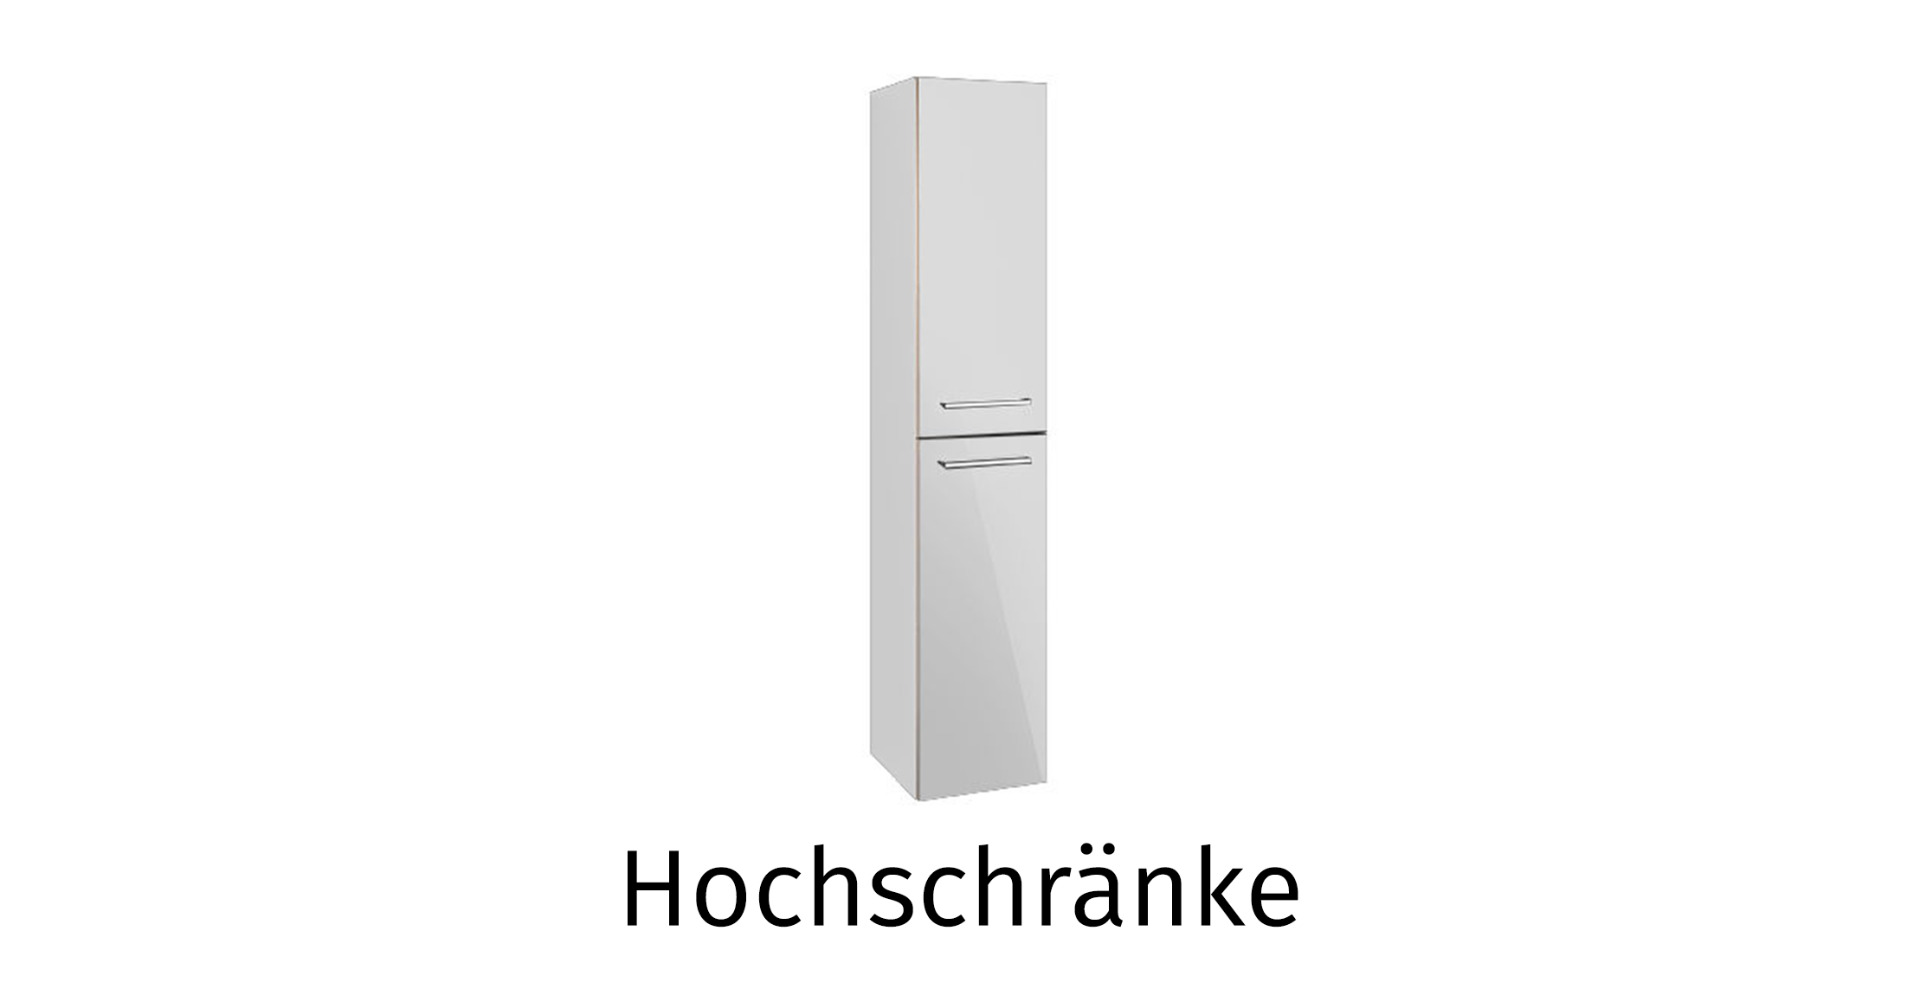 Hochschränke